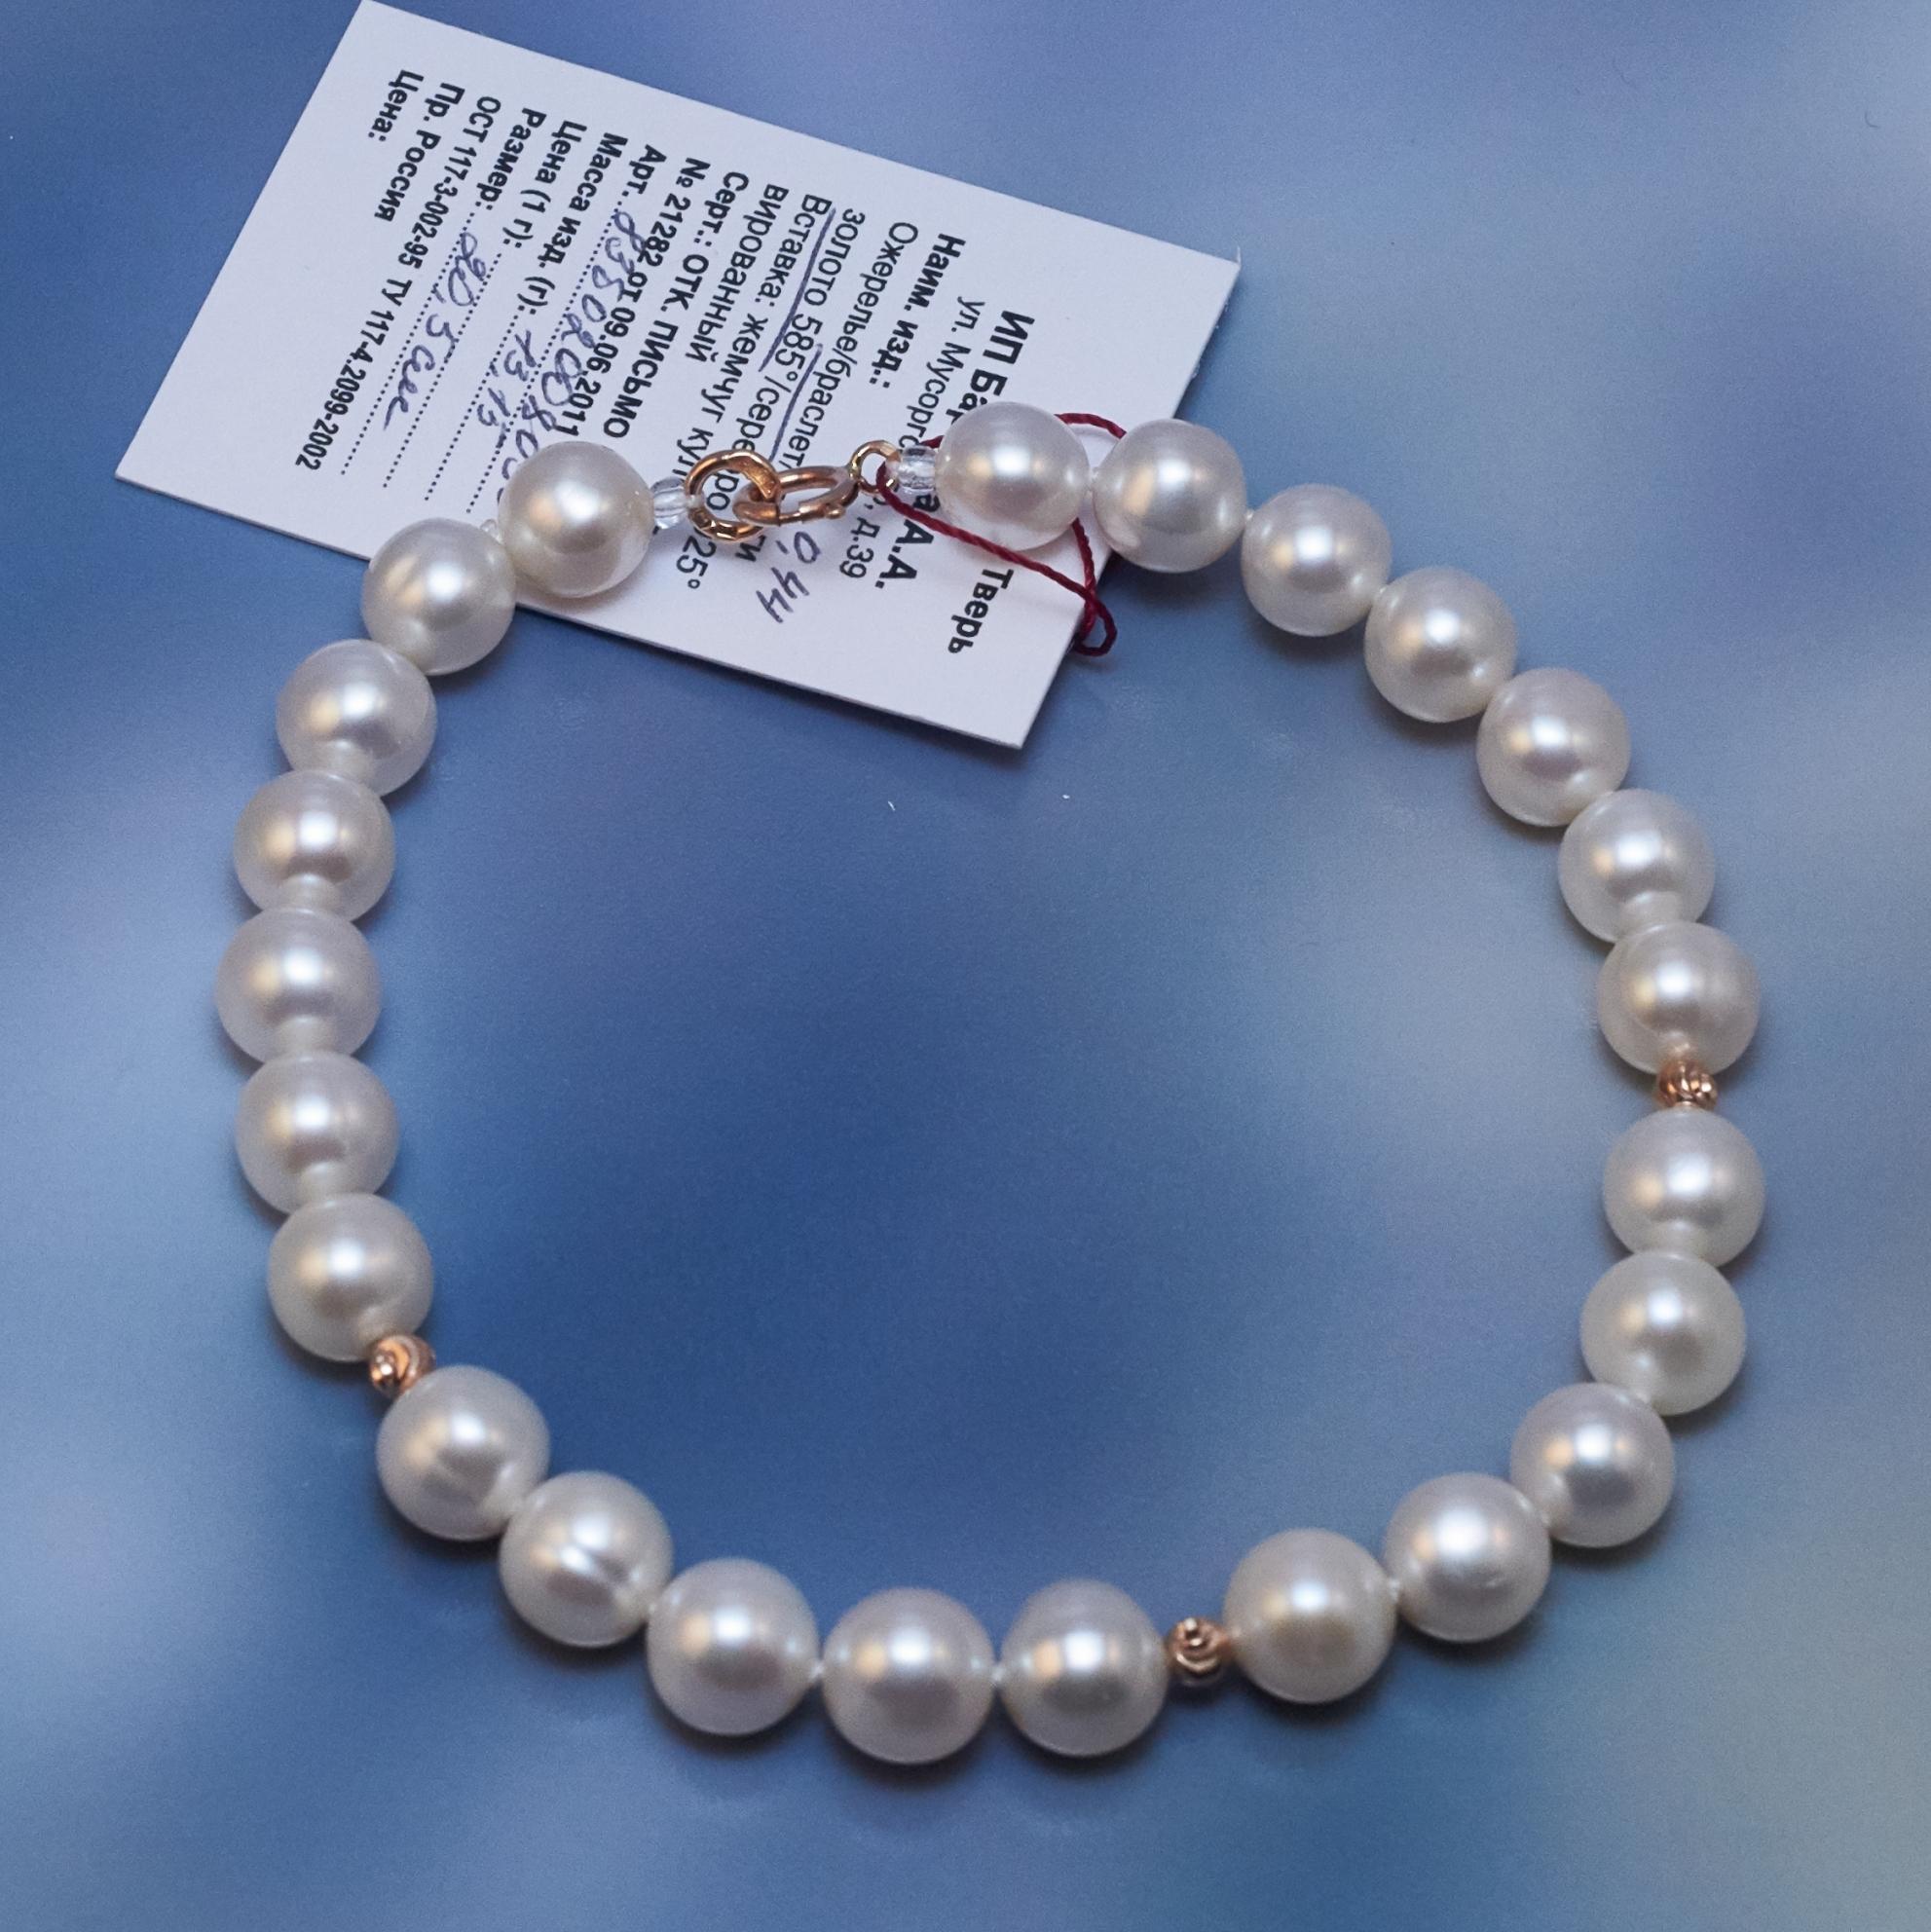 Украшения из жемчуга  серьги, браслеты и ожерелья с жемчугом ... c943fc0cc11